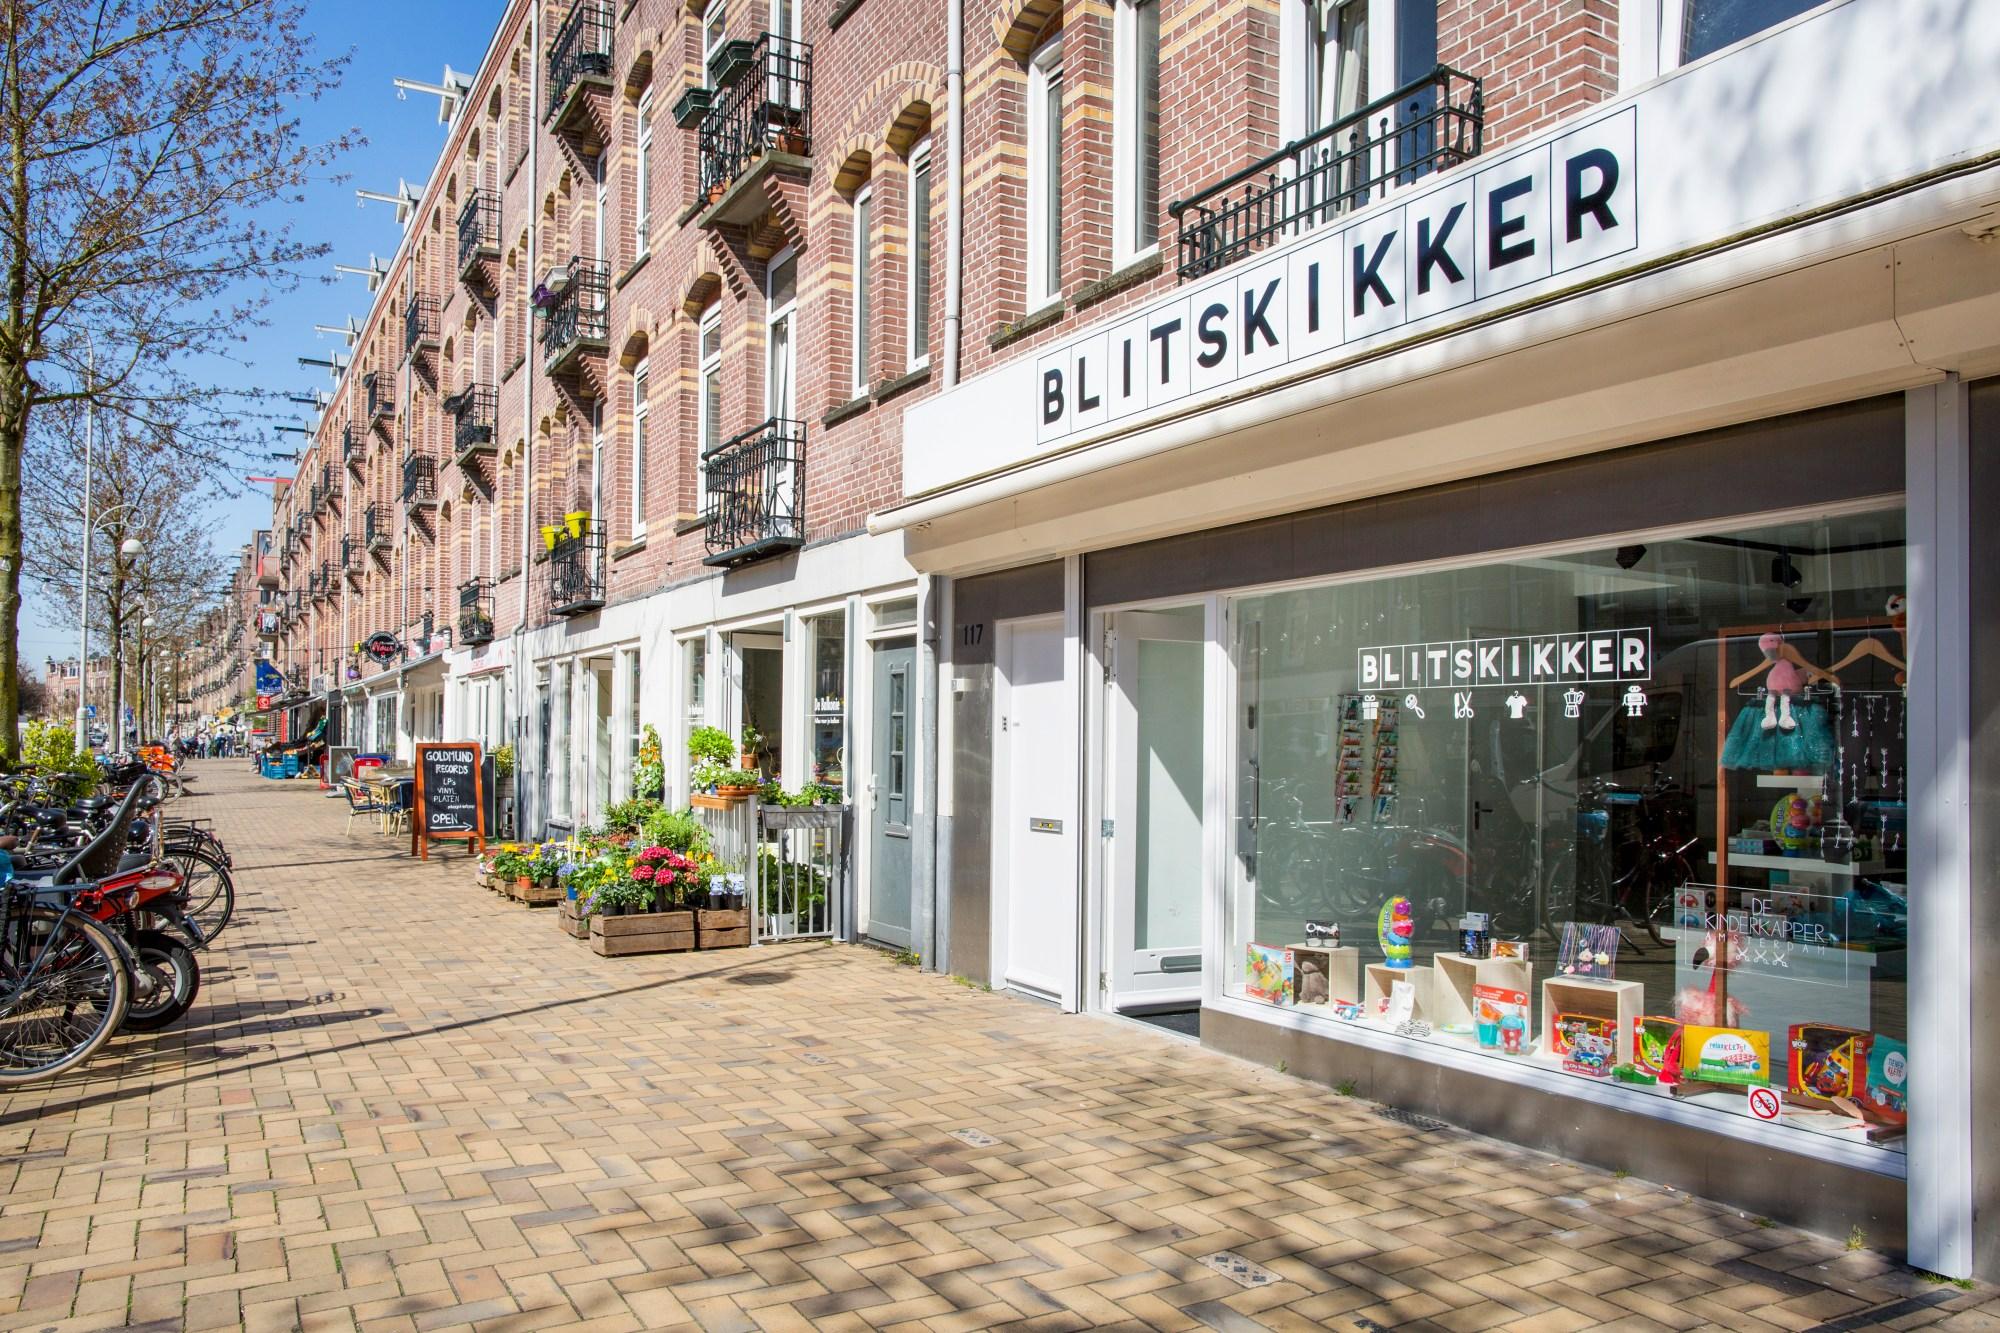 Gevel Blitskikker in de Javastraat in het Javakwartier - Janus van den Eijnden